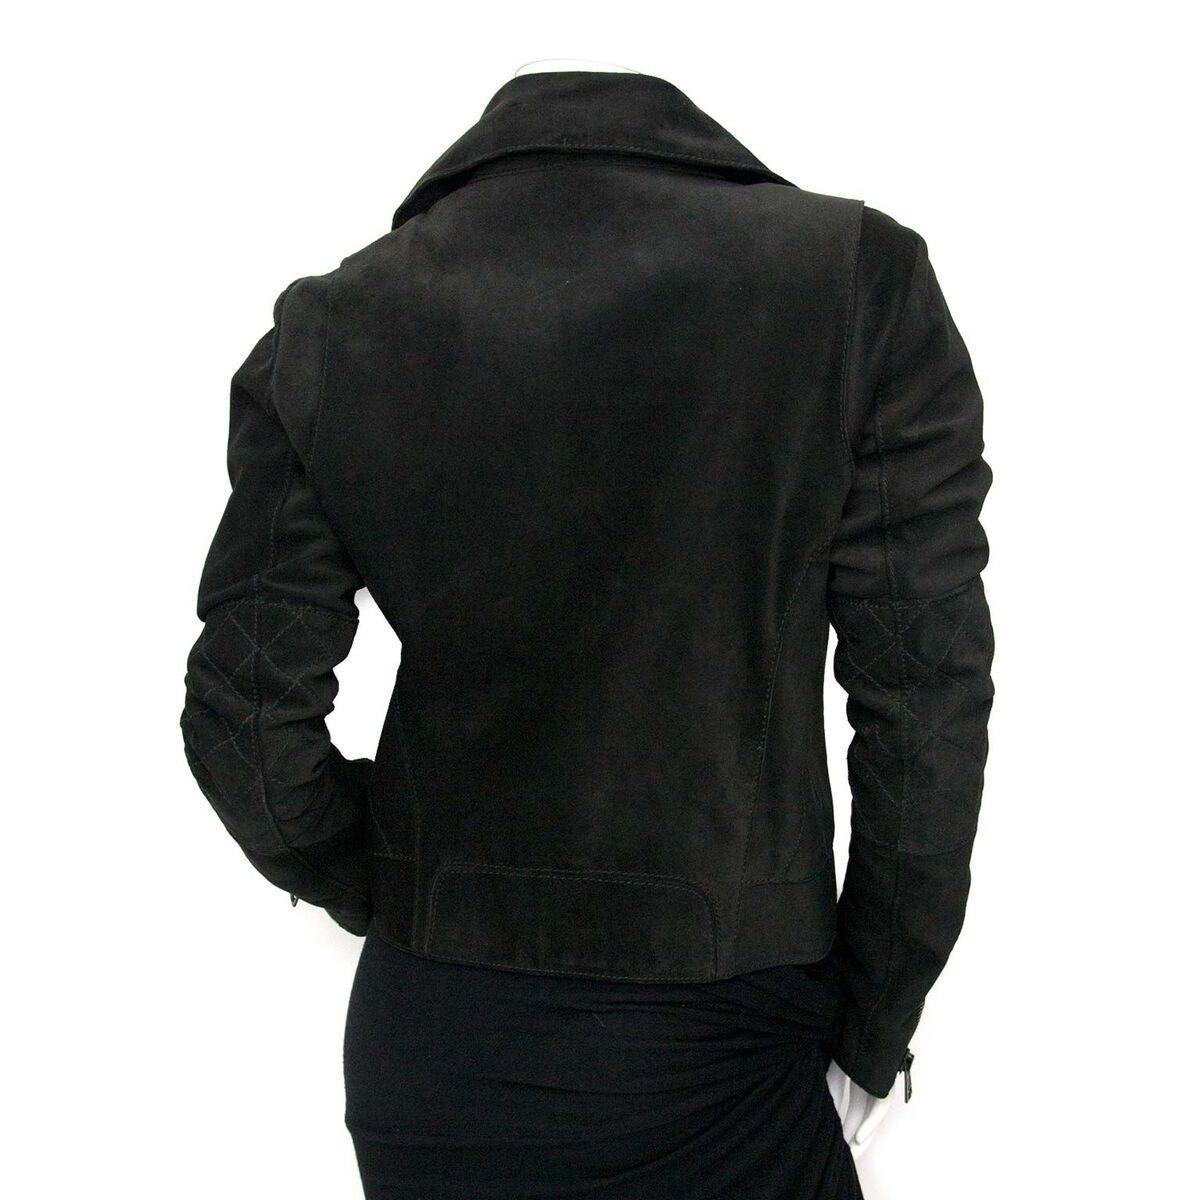 Koop authentieke tweedehands Balenciaga suede biker jacket aan een eerlijke prijs bij LabelLOV. Veilig online shoppen.